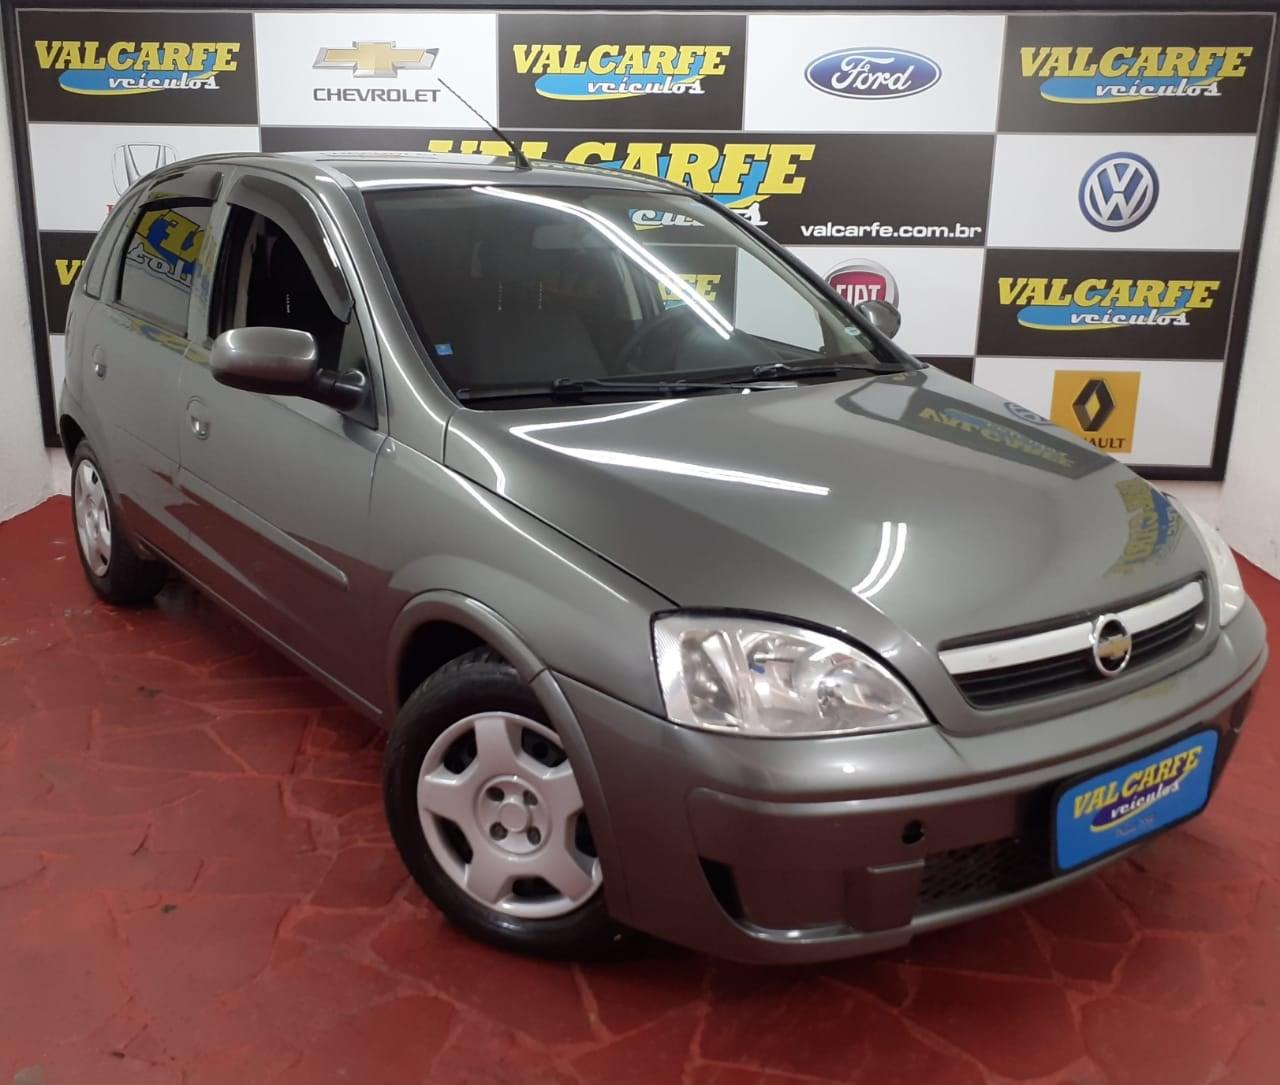 //www.autoline.com.br/carro/chevrolet/corsa-14-hatch-maxx-8v-flex-4p-manual/2012/campinas-sp/14933370